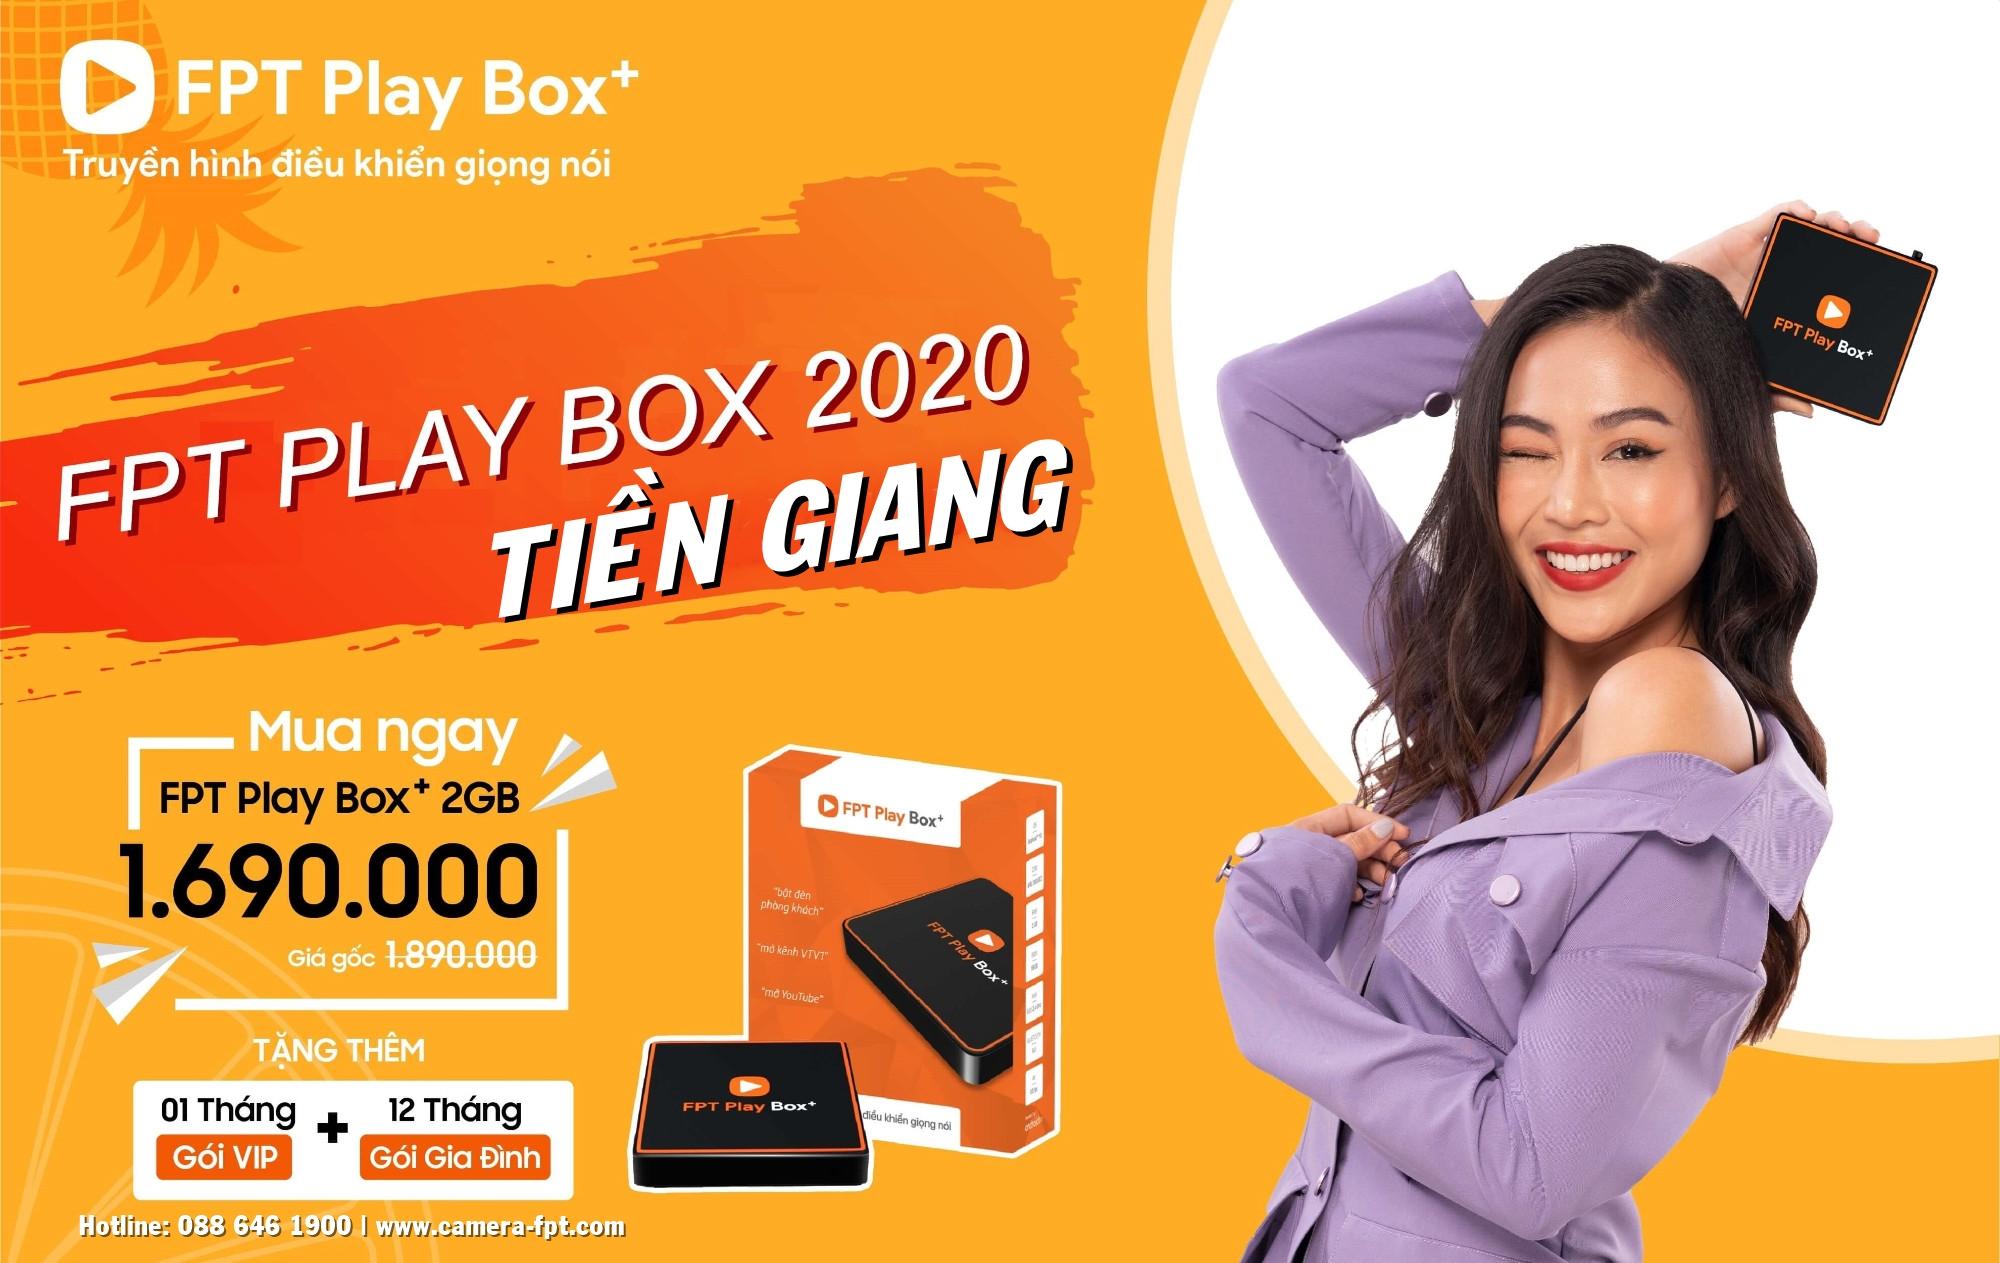 Mua FPT Play BOX tại Tiền Giang ✓ Miễn phí 12 tháng xem truyền hình cáp